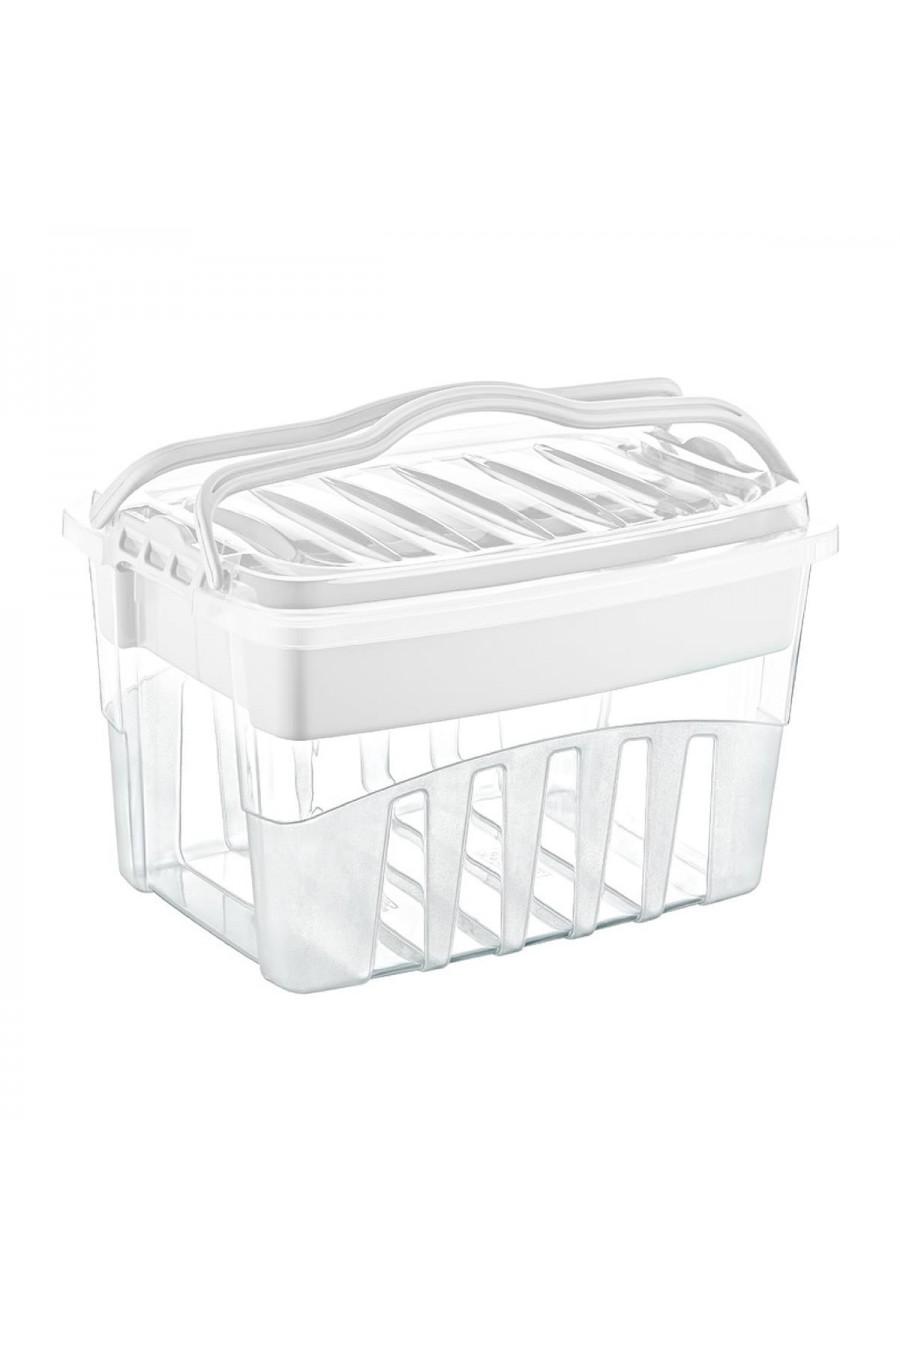 PlastArt Kilit Kapaklı Çok Amaçlı Bölmeli Kutu | Toolbox